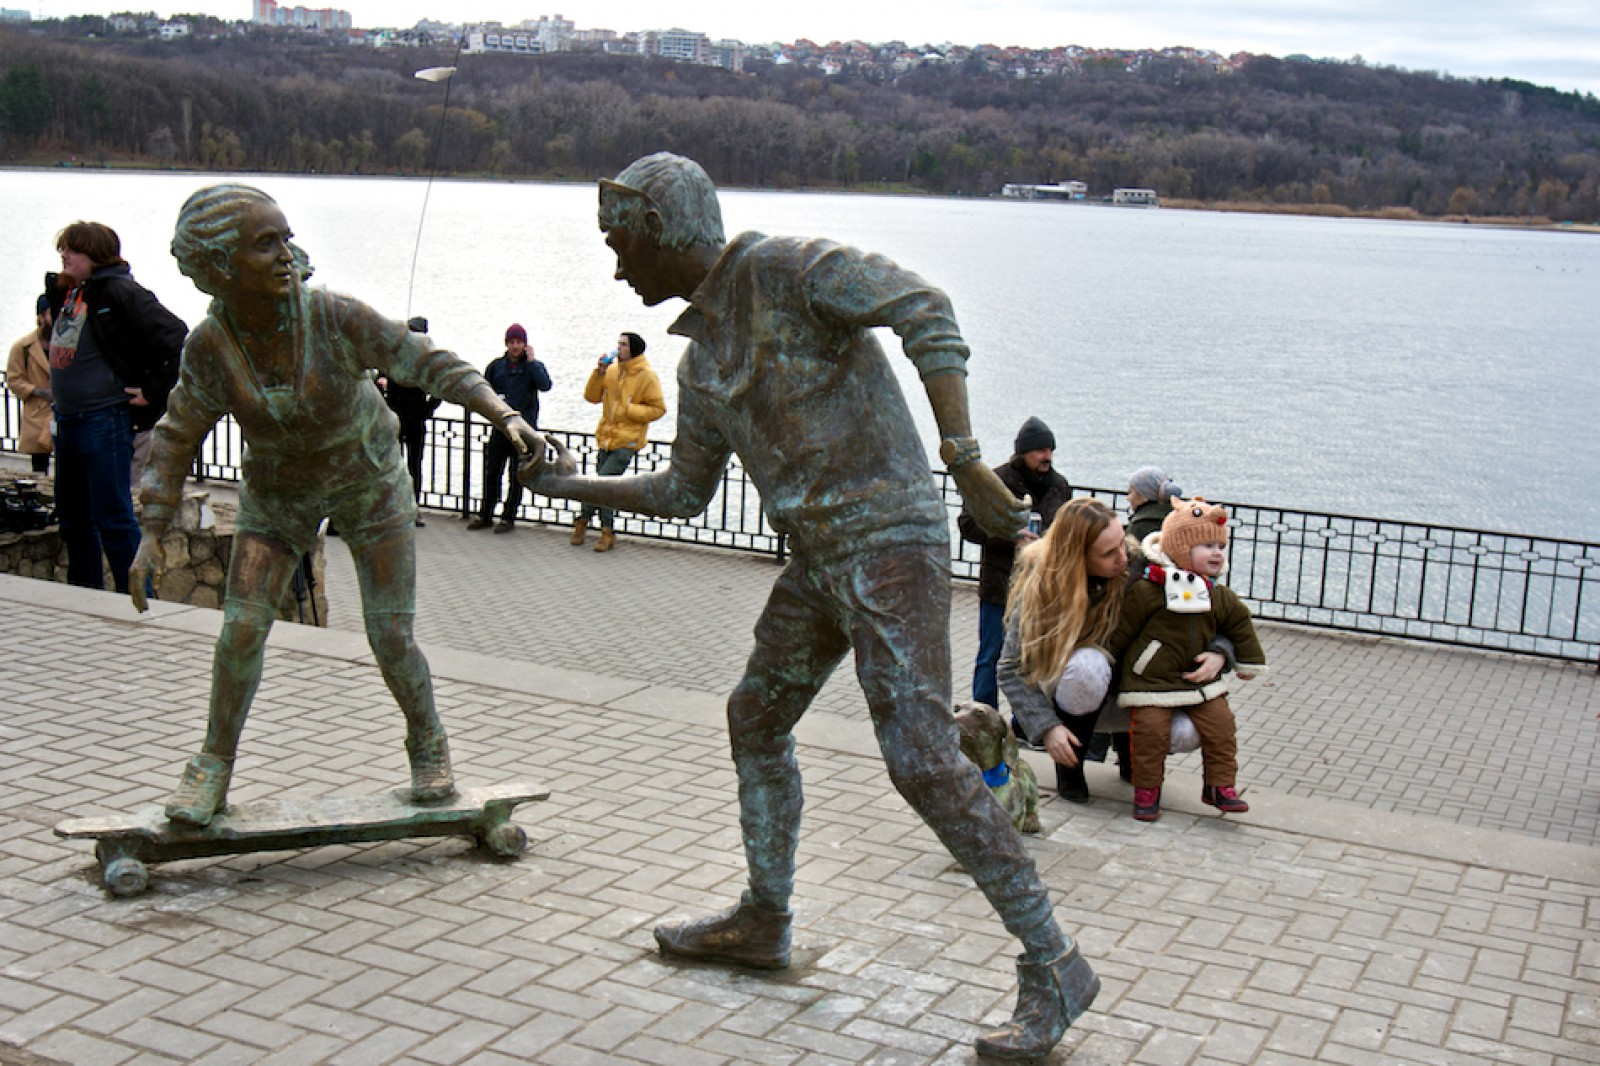 """Doi tineri și un mesaj pe înțelesul tuturor. O nouă lucrare din cadrul proiectului """"Sculpturi care te privesc în ochi"""""""